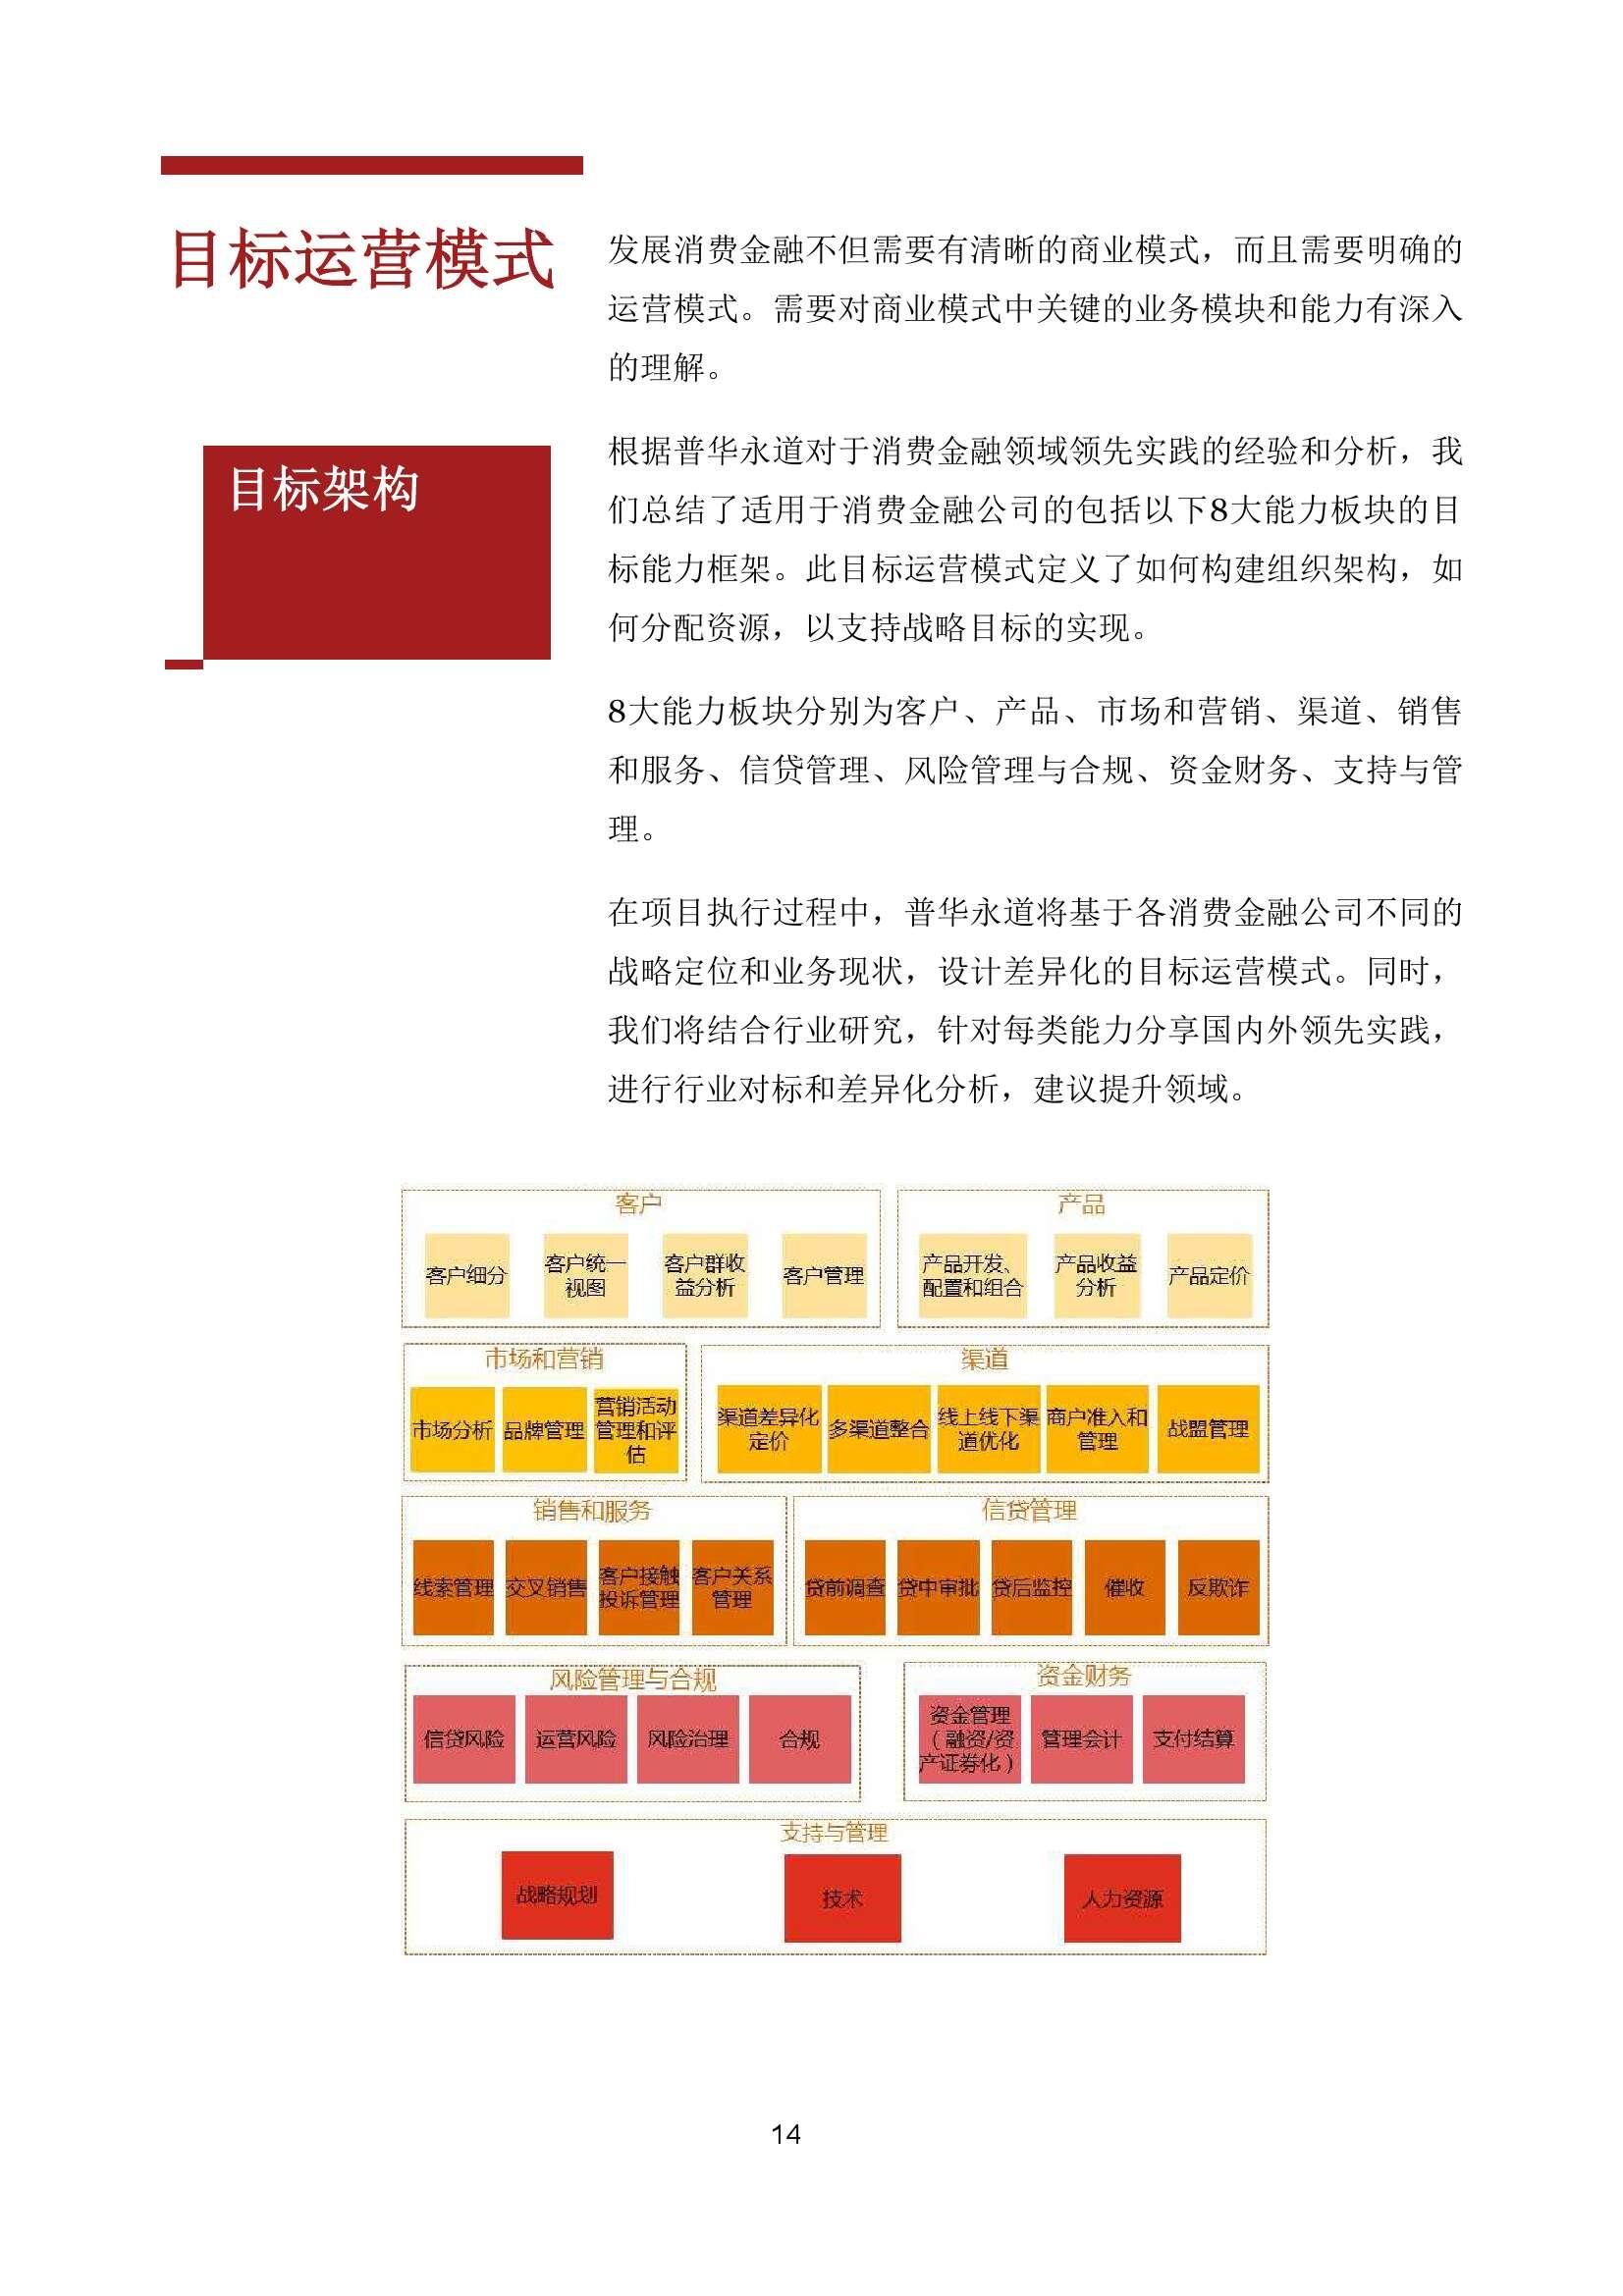 中国零售银行的蓝海_000014